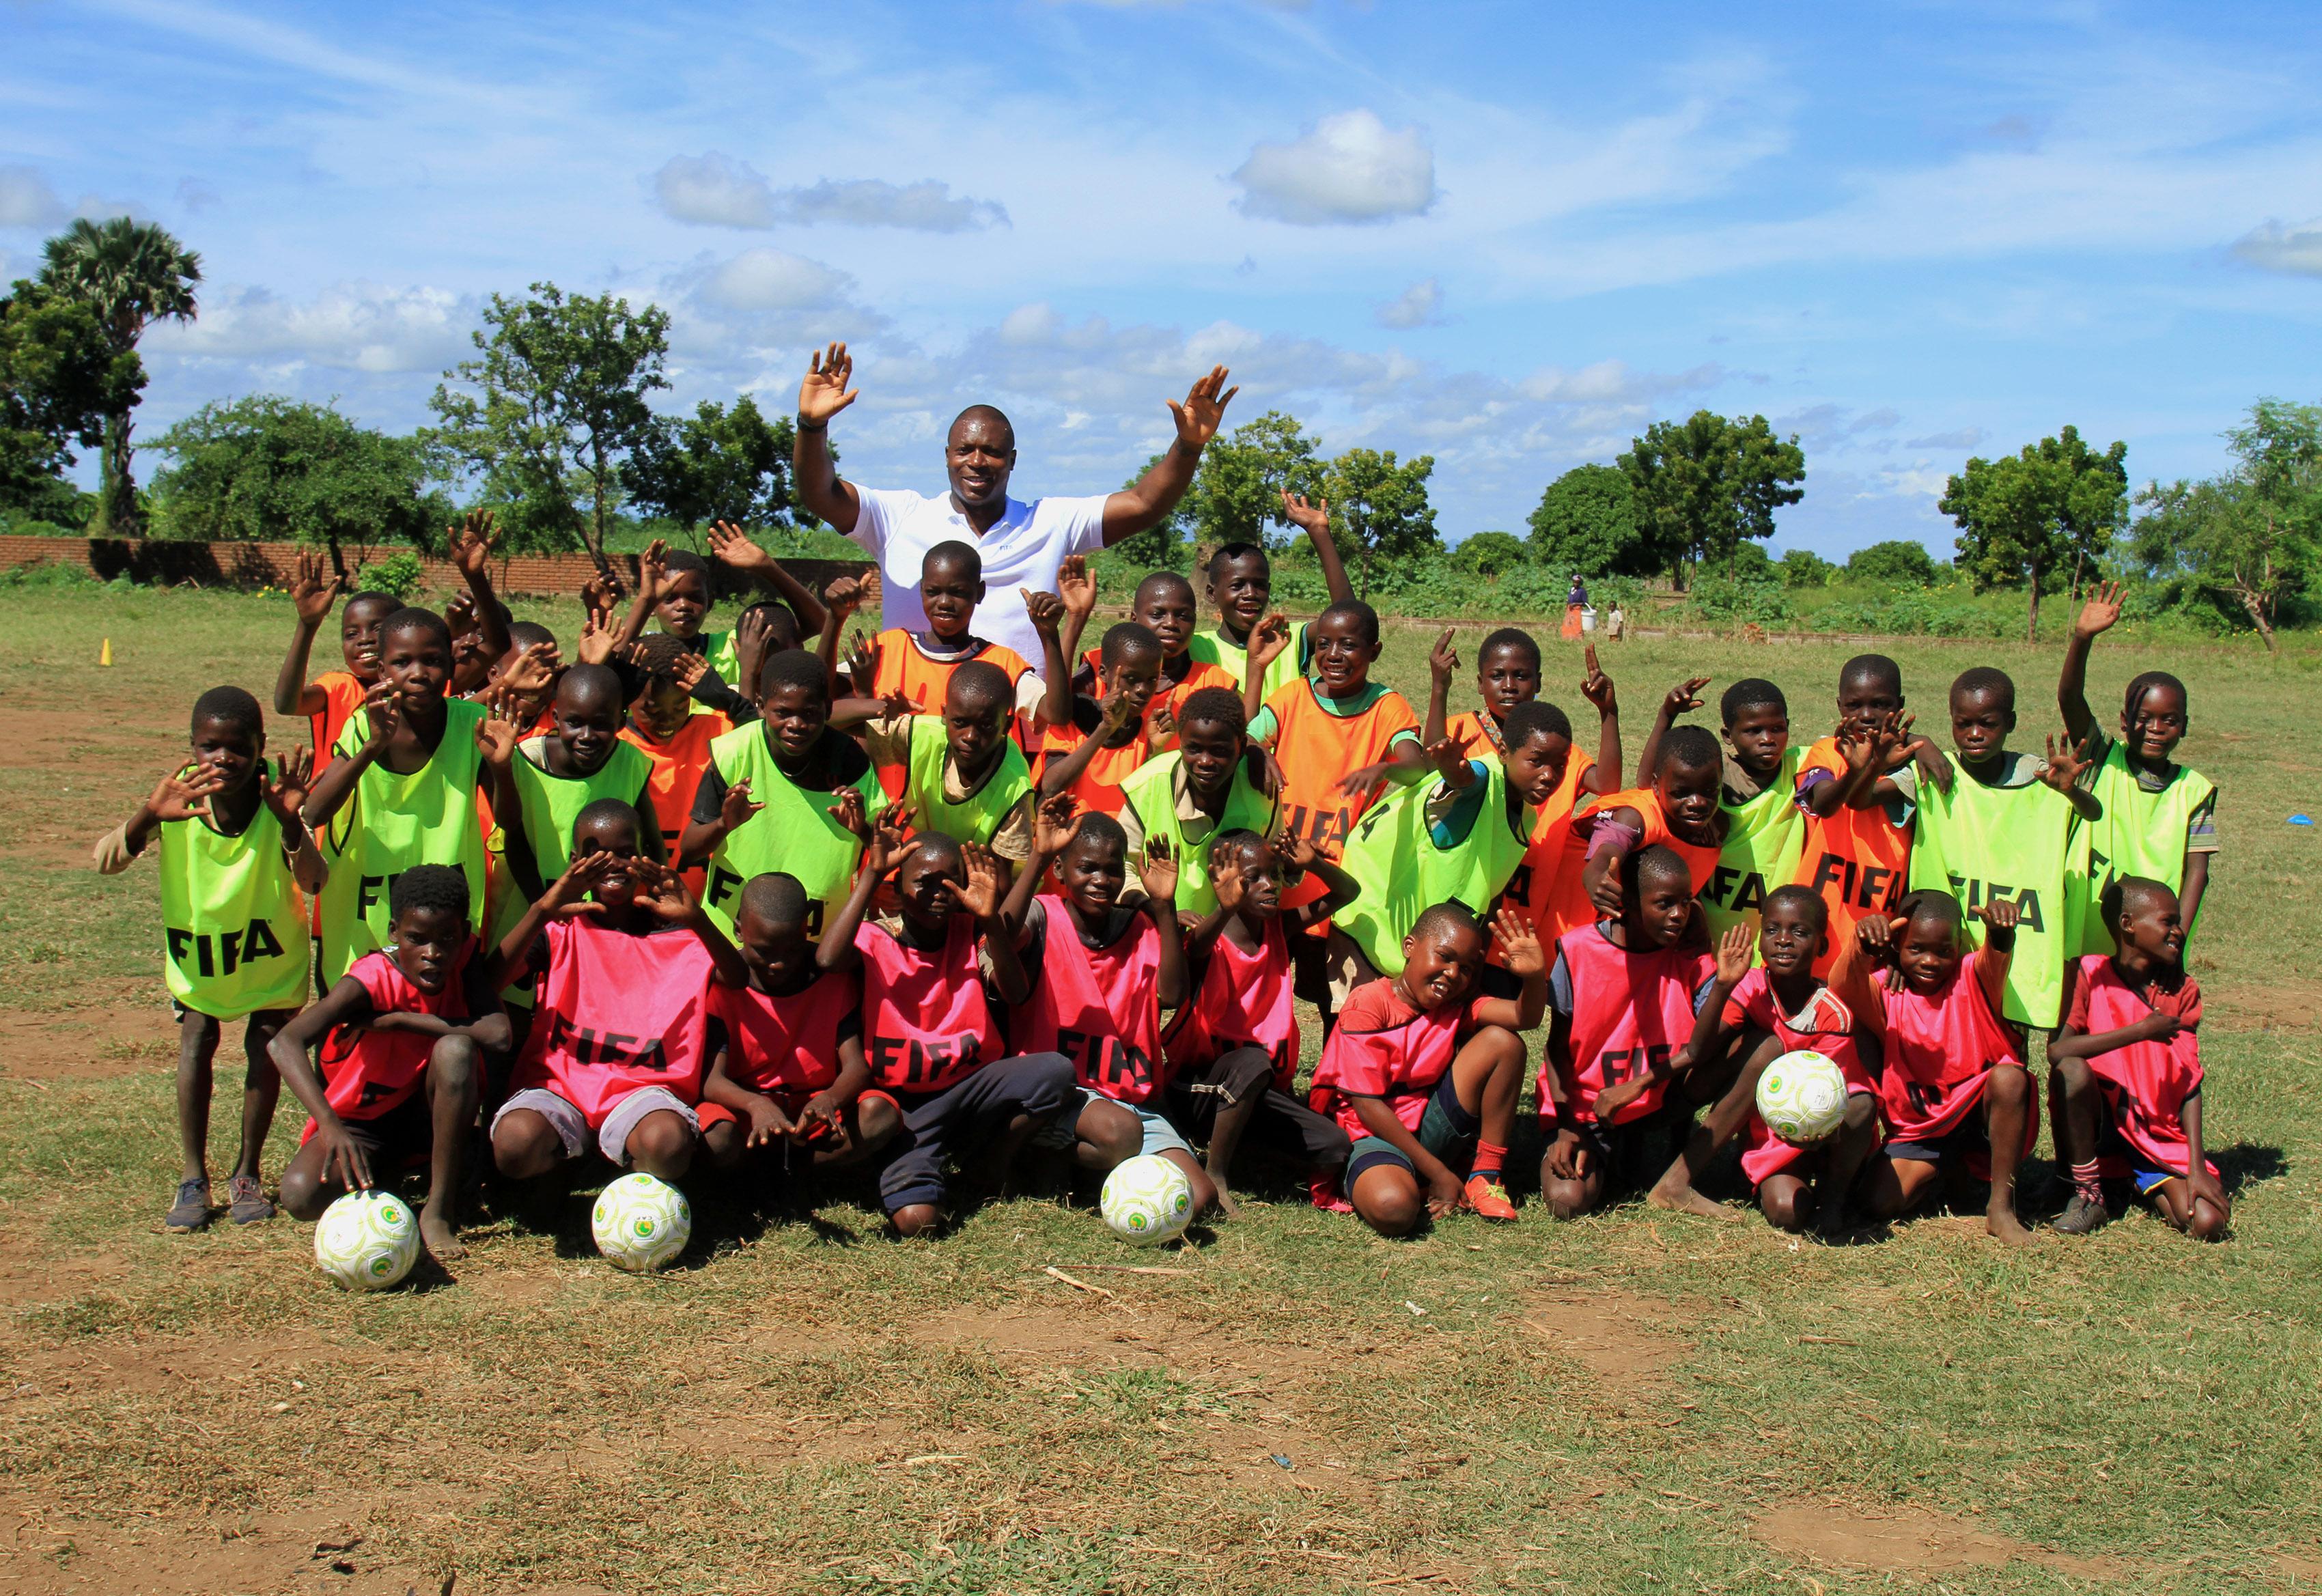 Hilfsprogramm der FIFA-Stiftung